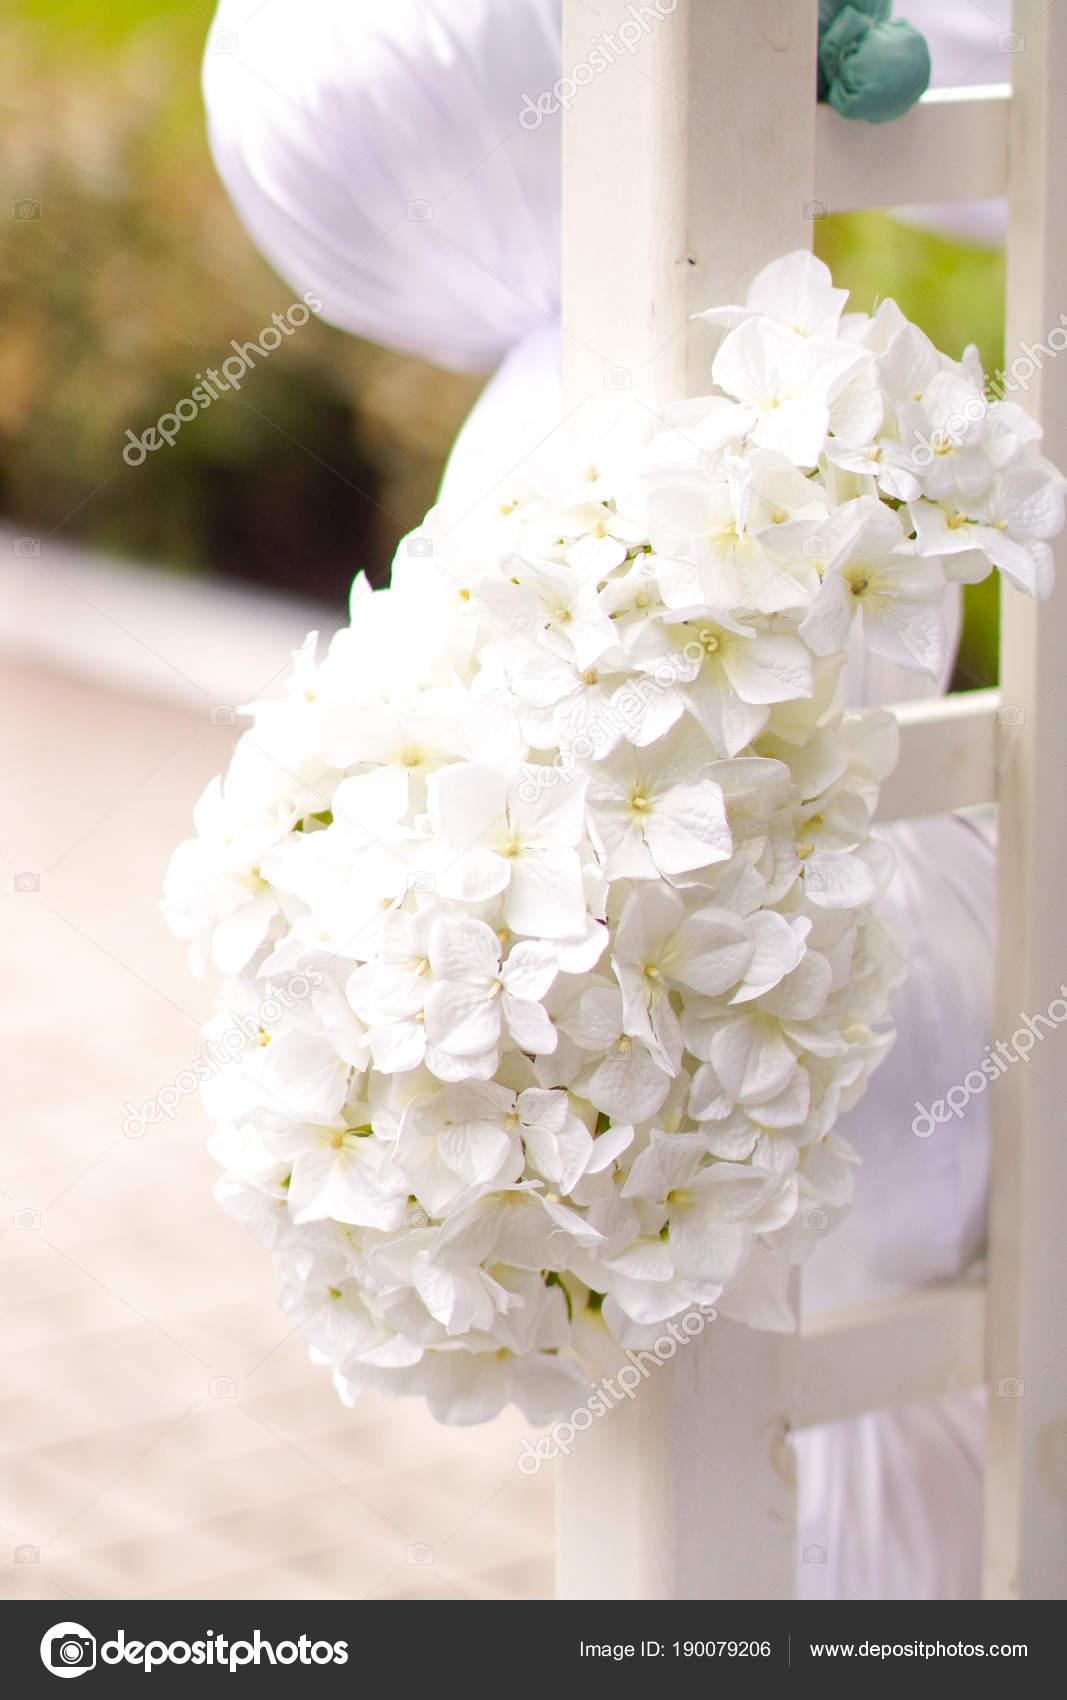 Wedding arch of white flowers stock photo beshtanyagmail wedding arch of white flowers stock photo mightylinksfo